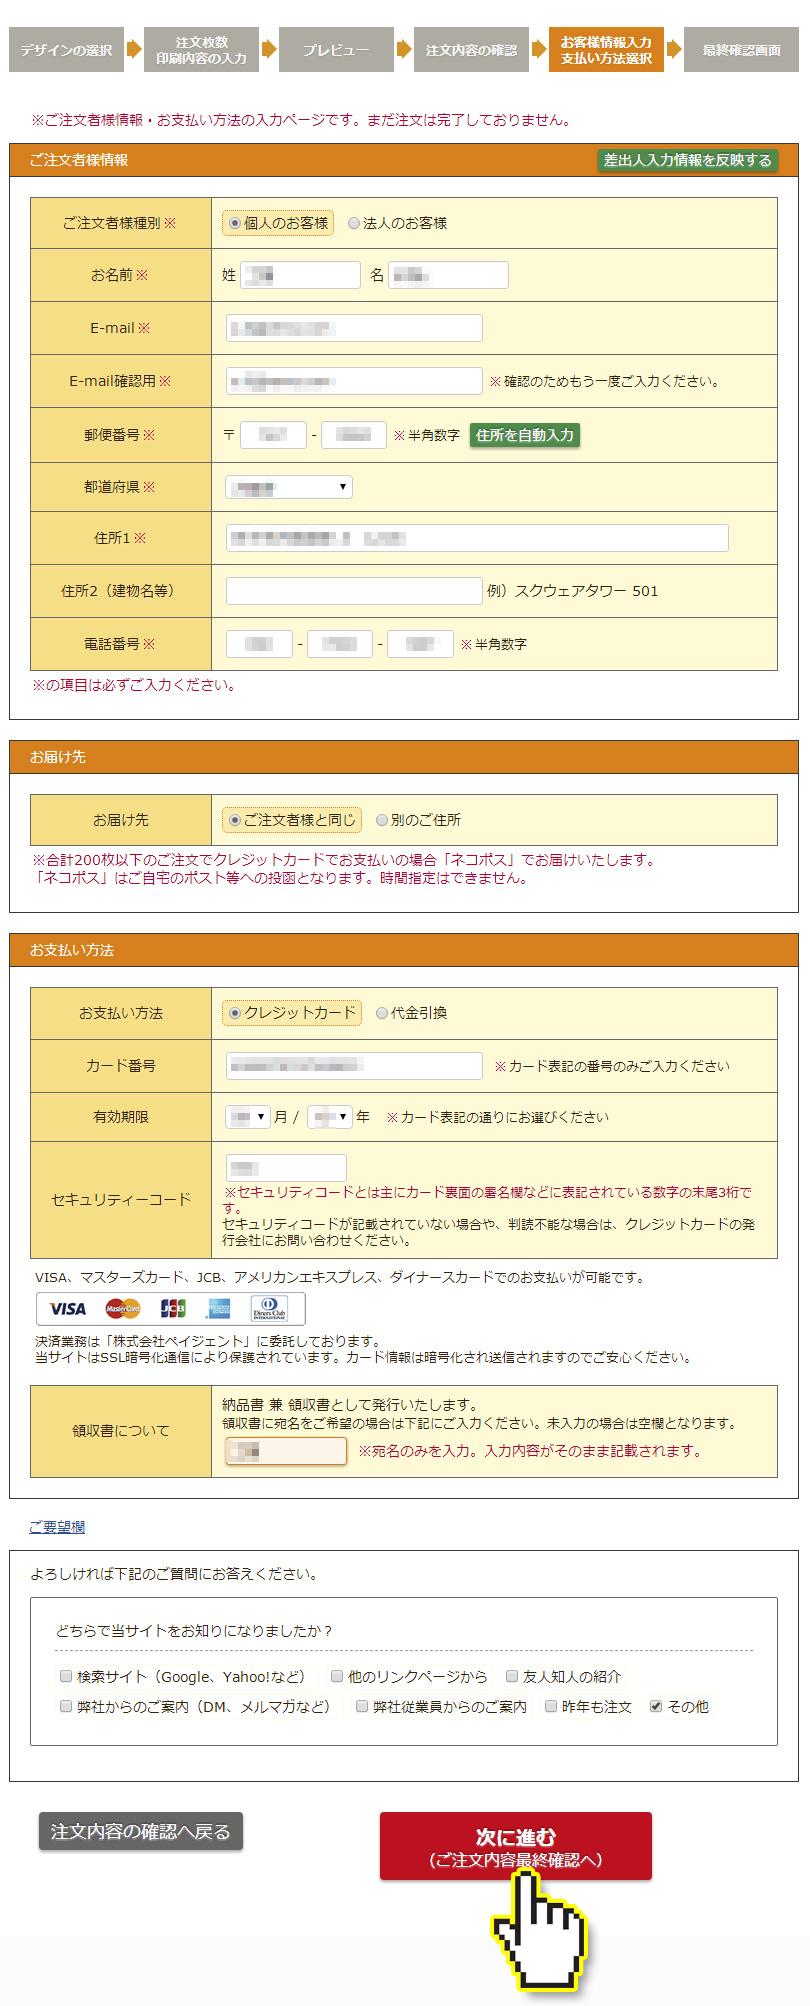 ネットスクウェア注文者情報/届け先/支払方法を入力